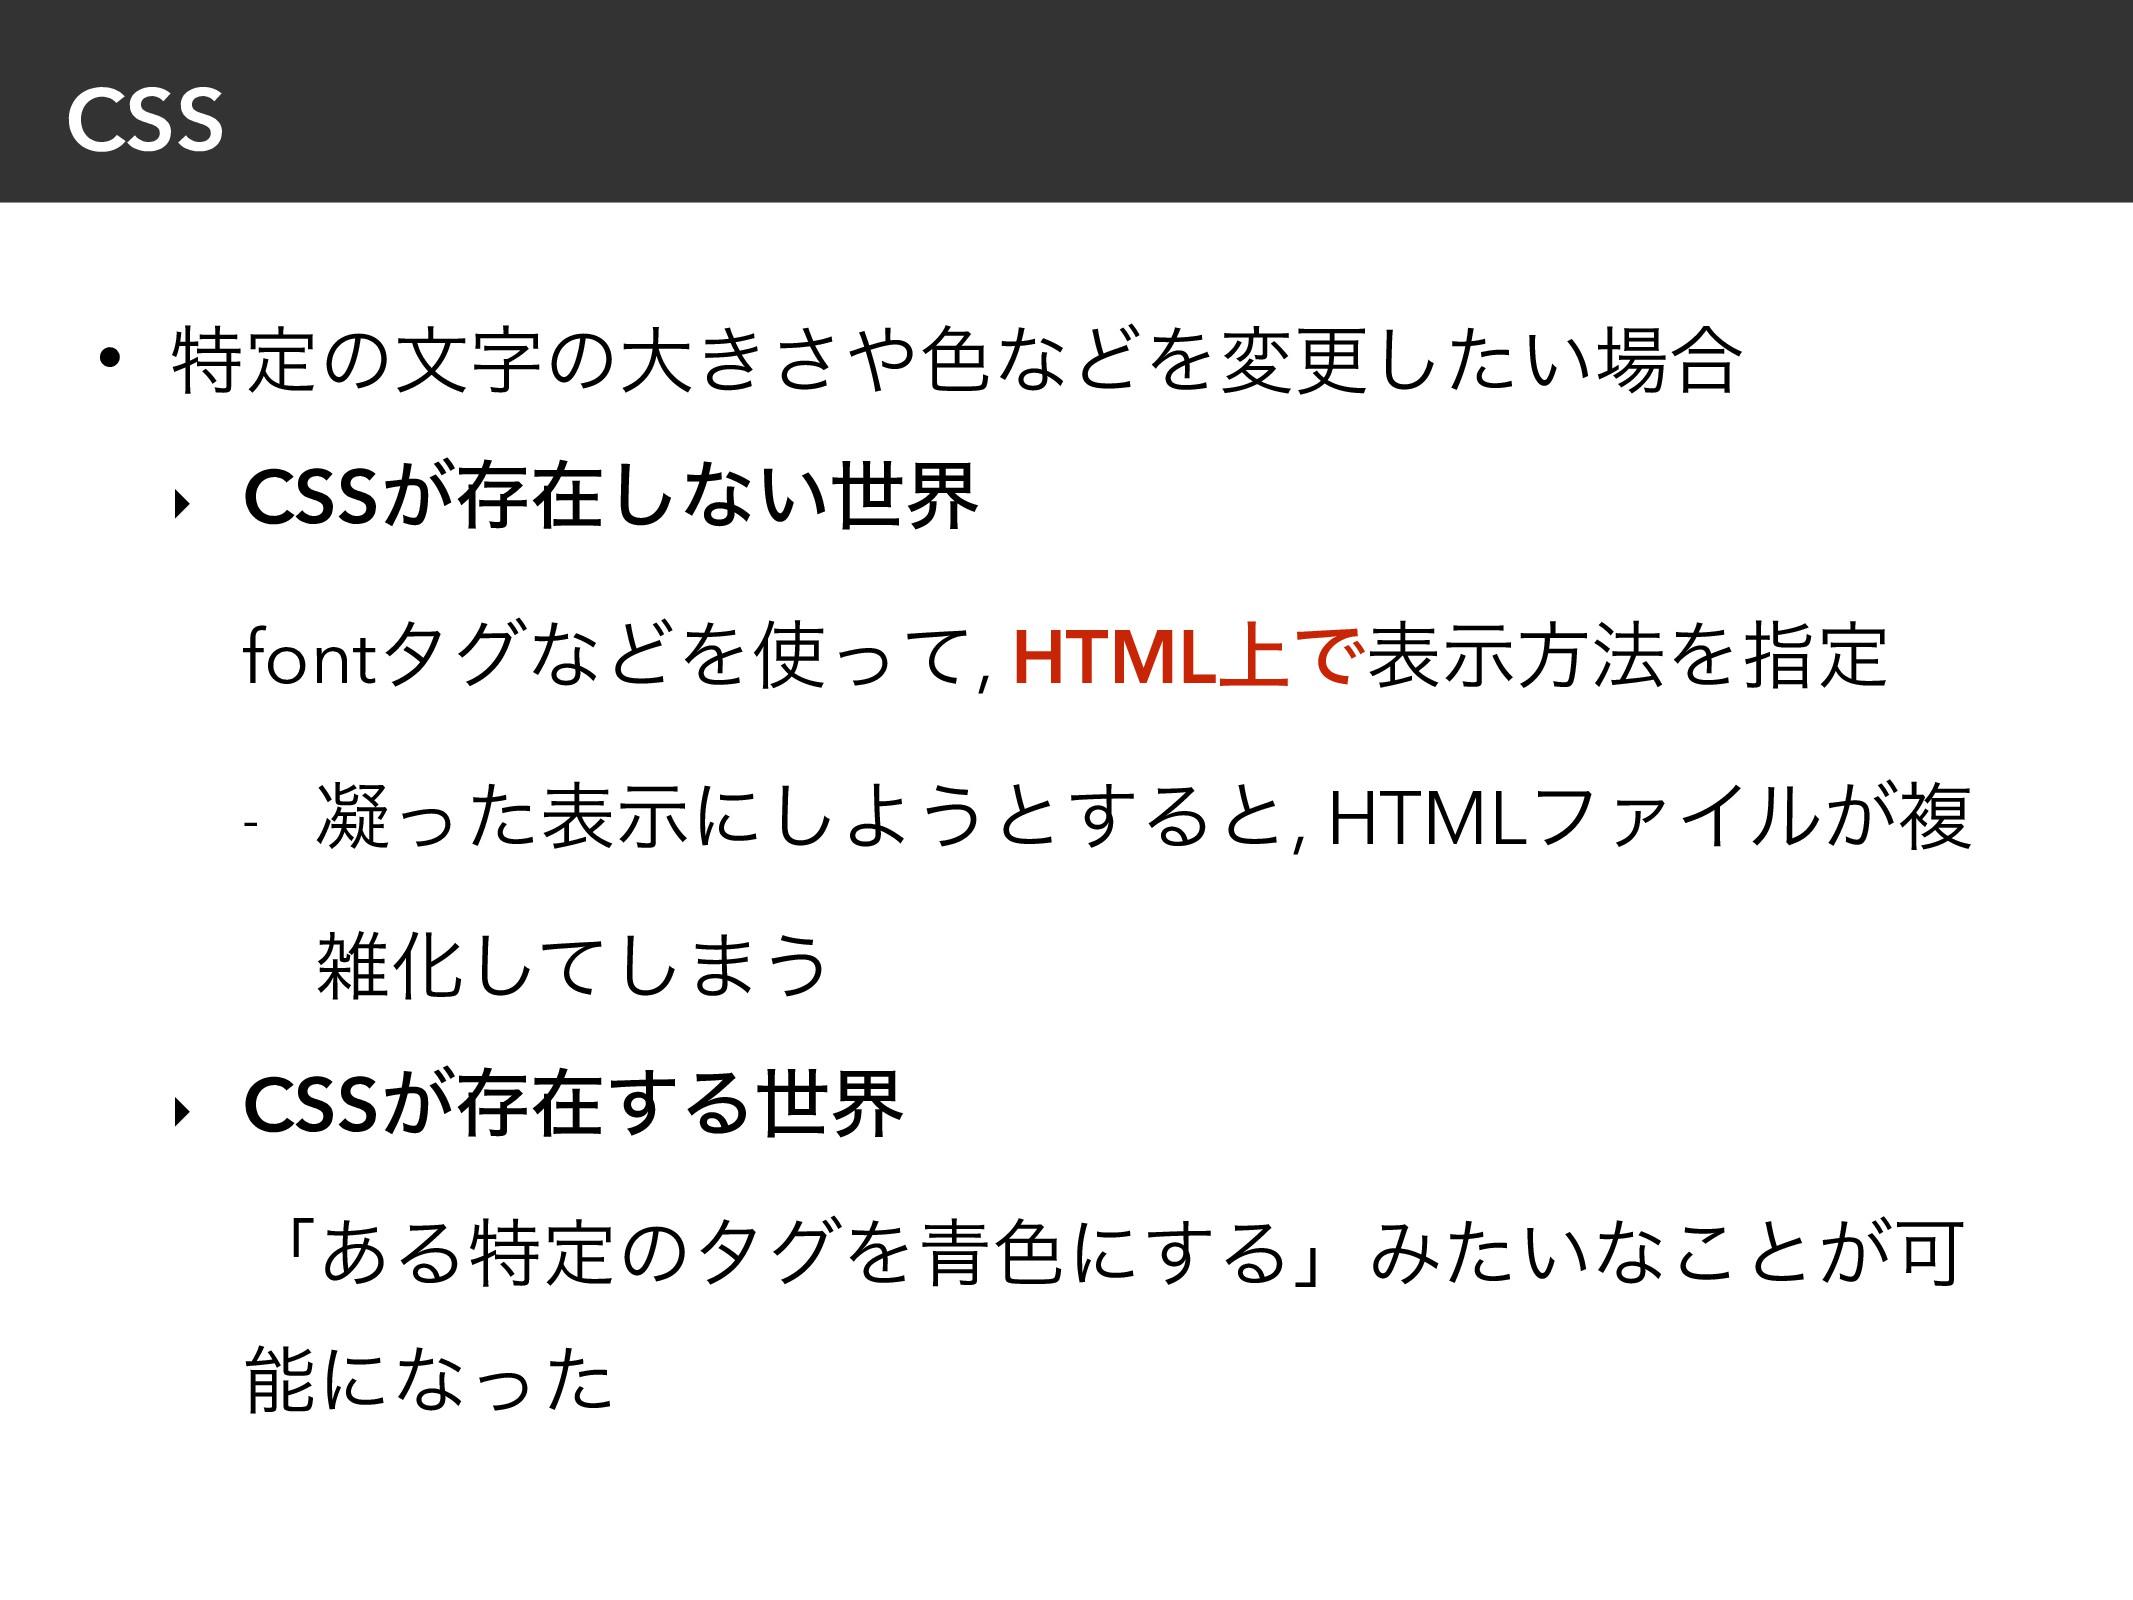 CSS • ಛఆͷจͷେ͖͞৭ͳͲΛมߋ͍ͨ͠߹ ‣ CSS͕ଘࡏ͠ͳ͍ੈք font...